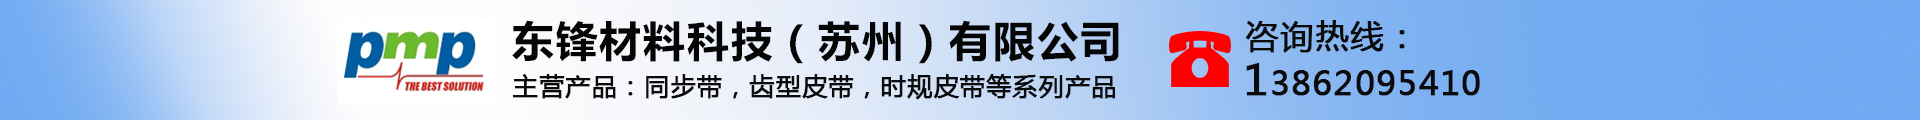 东锋材料科技(苏州)有限公司